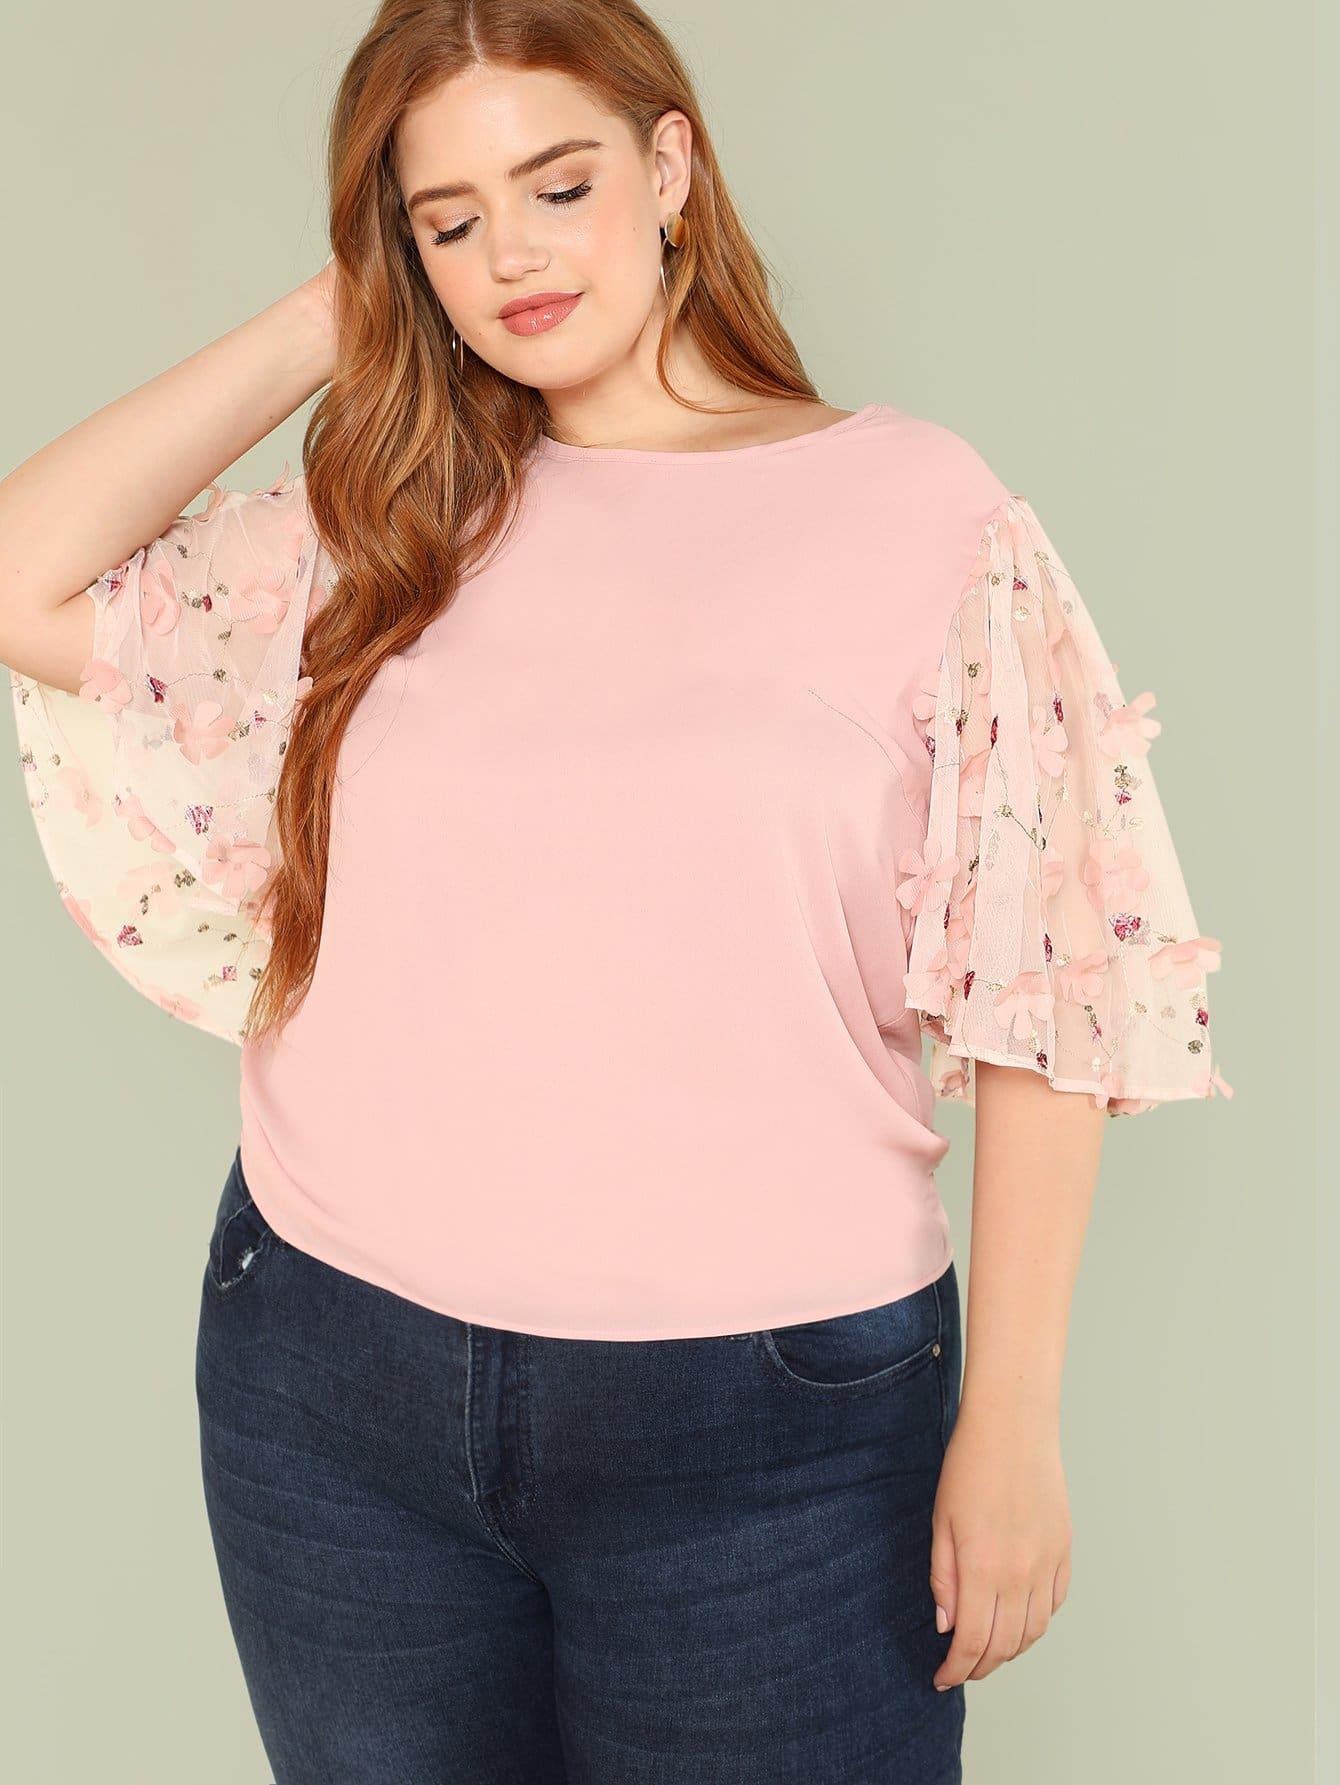 Купить Блузка с широкими рукавами и прозрачными вставками, Bree Kish, SheIn